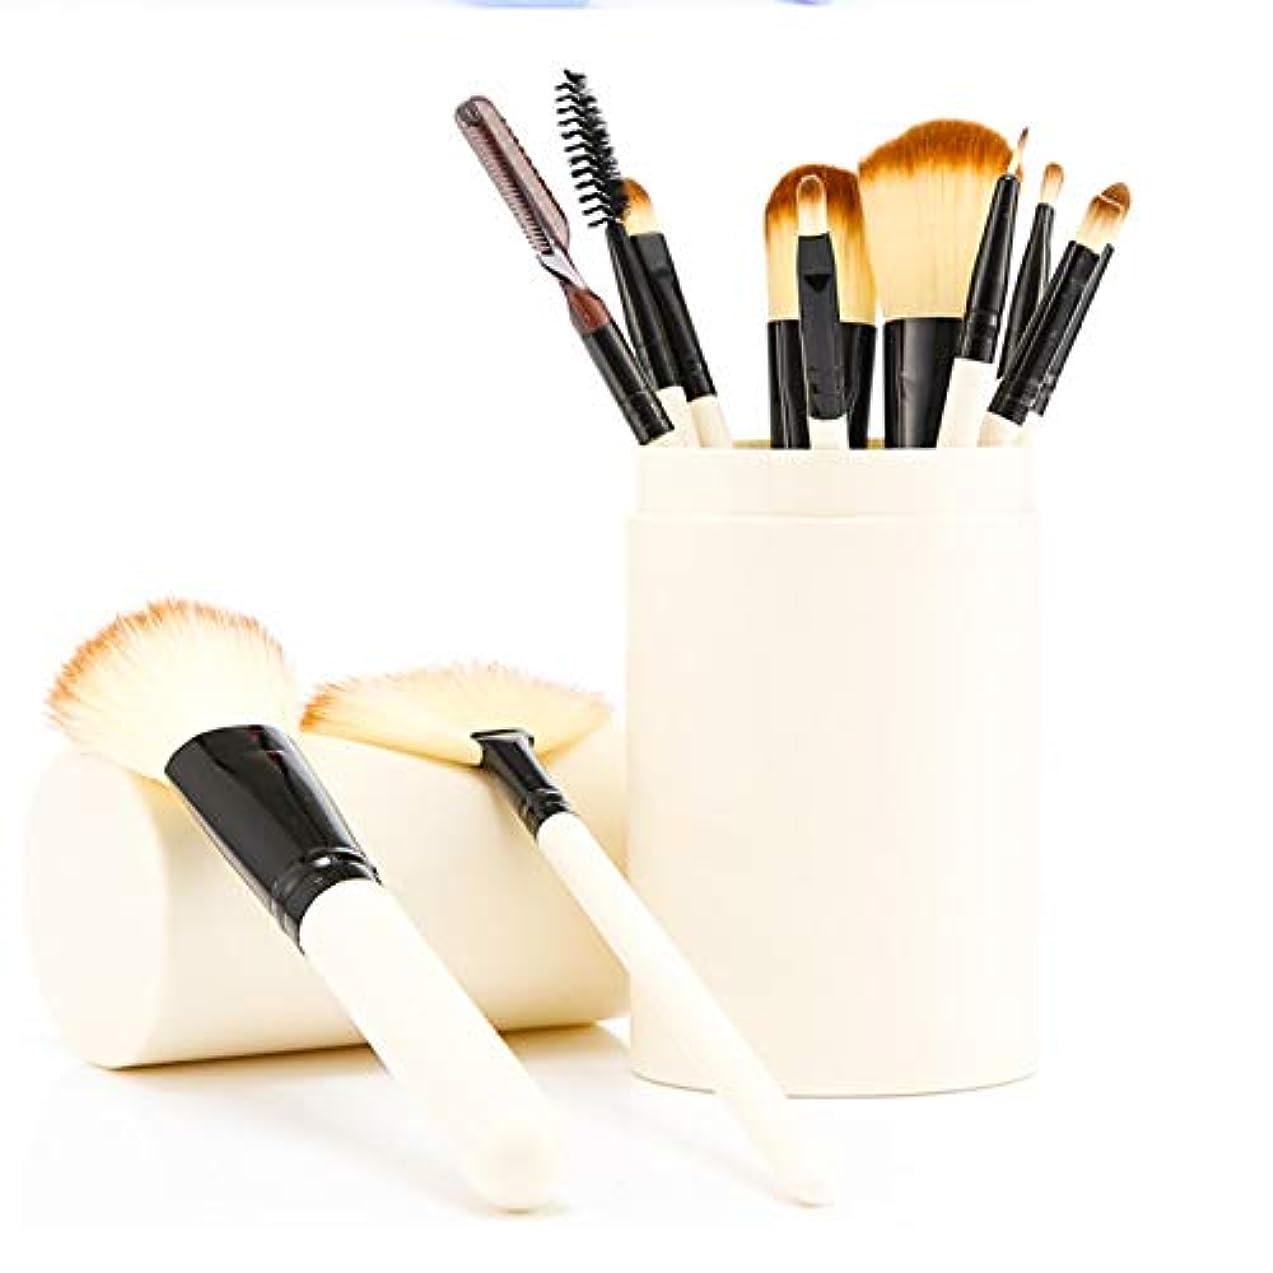 フレームワーク第九挽くソフトで残酷のない合成繊維剛毛とローズゴールドのディテールが施された化粧ブラシセット12本のプロフェッショナルな化粧ブラシ - エレガントなPUレザーポーチが含まれています (Color : Natural)